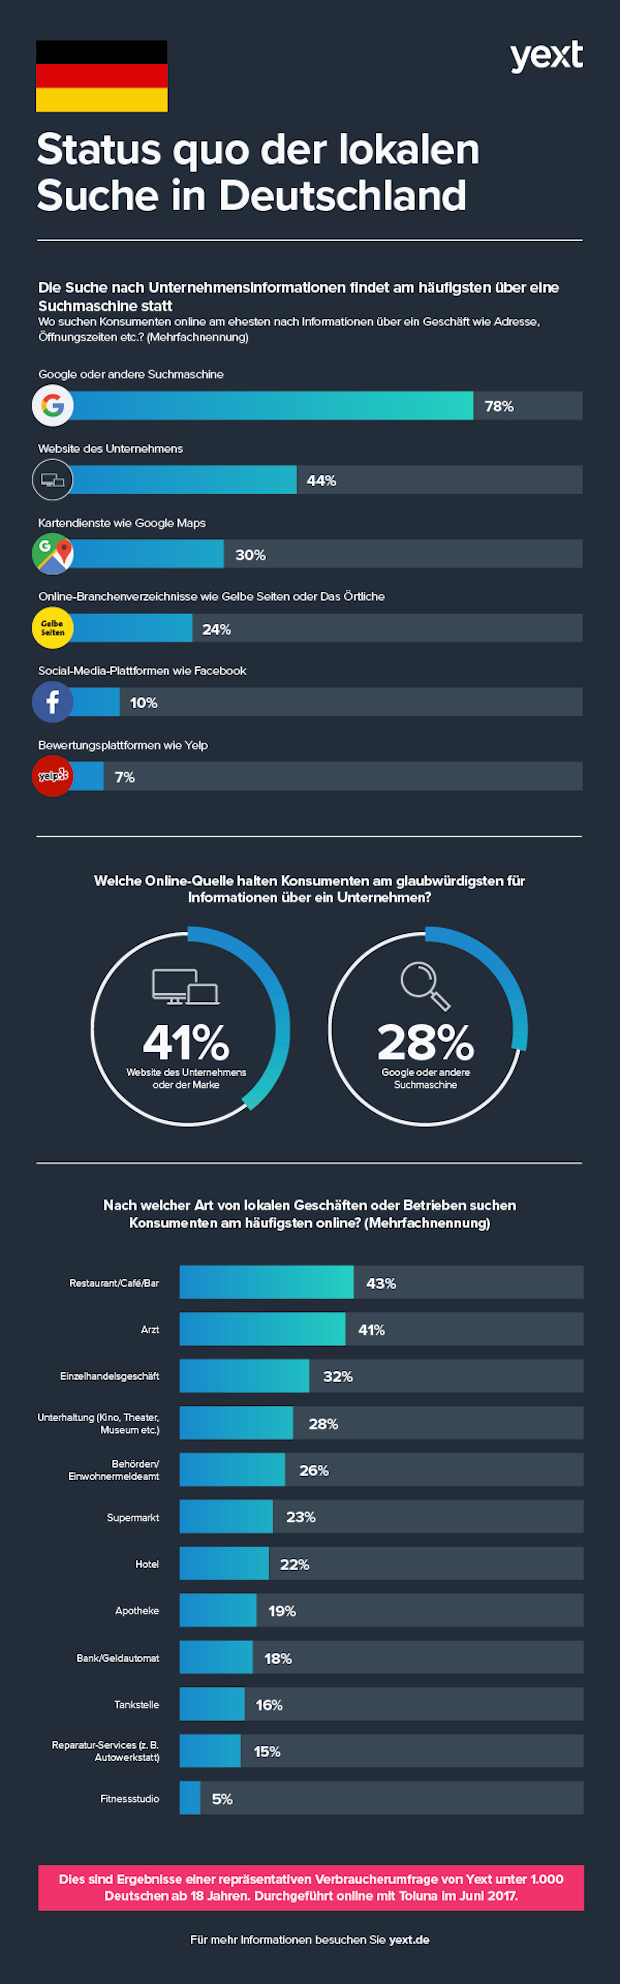 Bild von Suchmaschinen und Unternehmenswebsites sind Top-Quellen für unternehmensbezogene Informationen